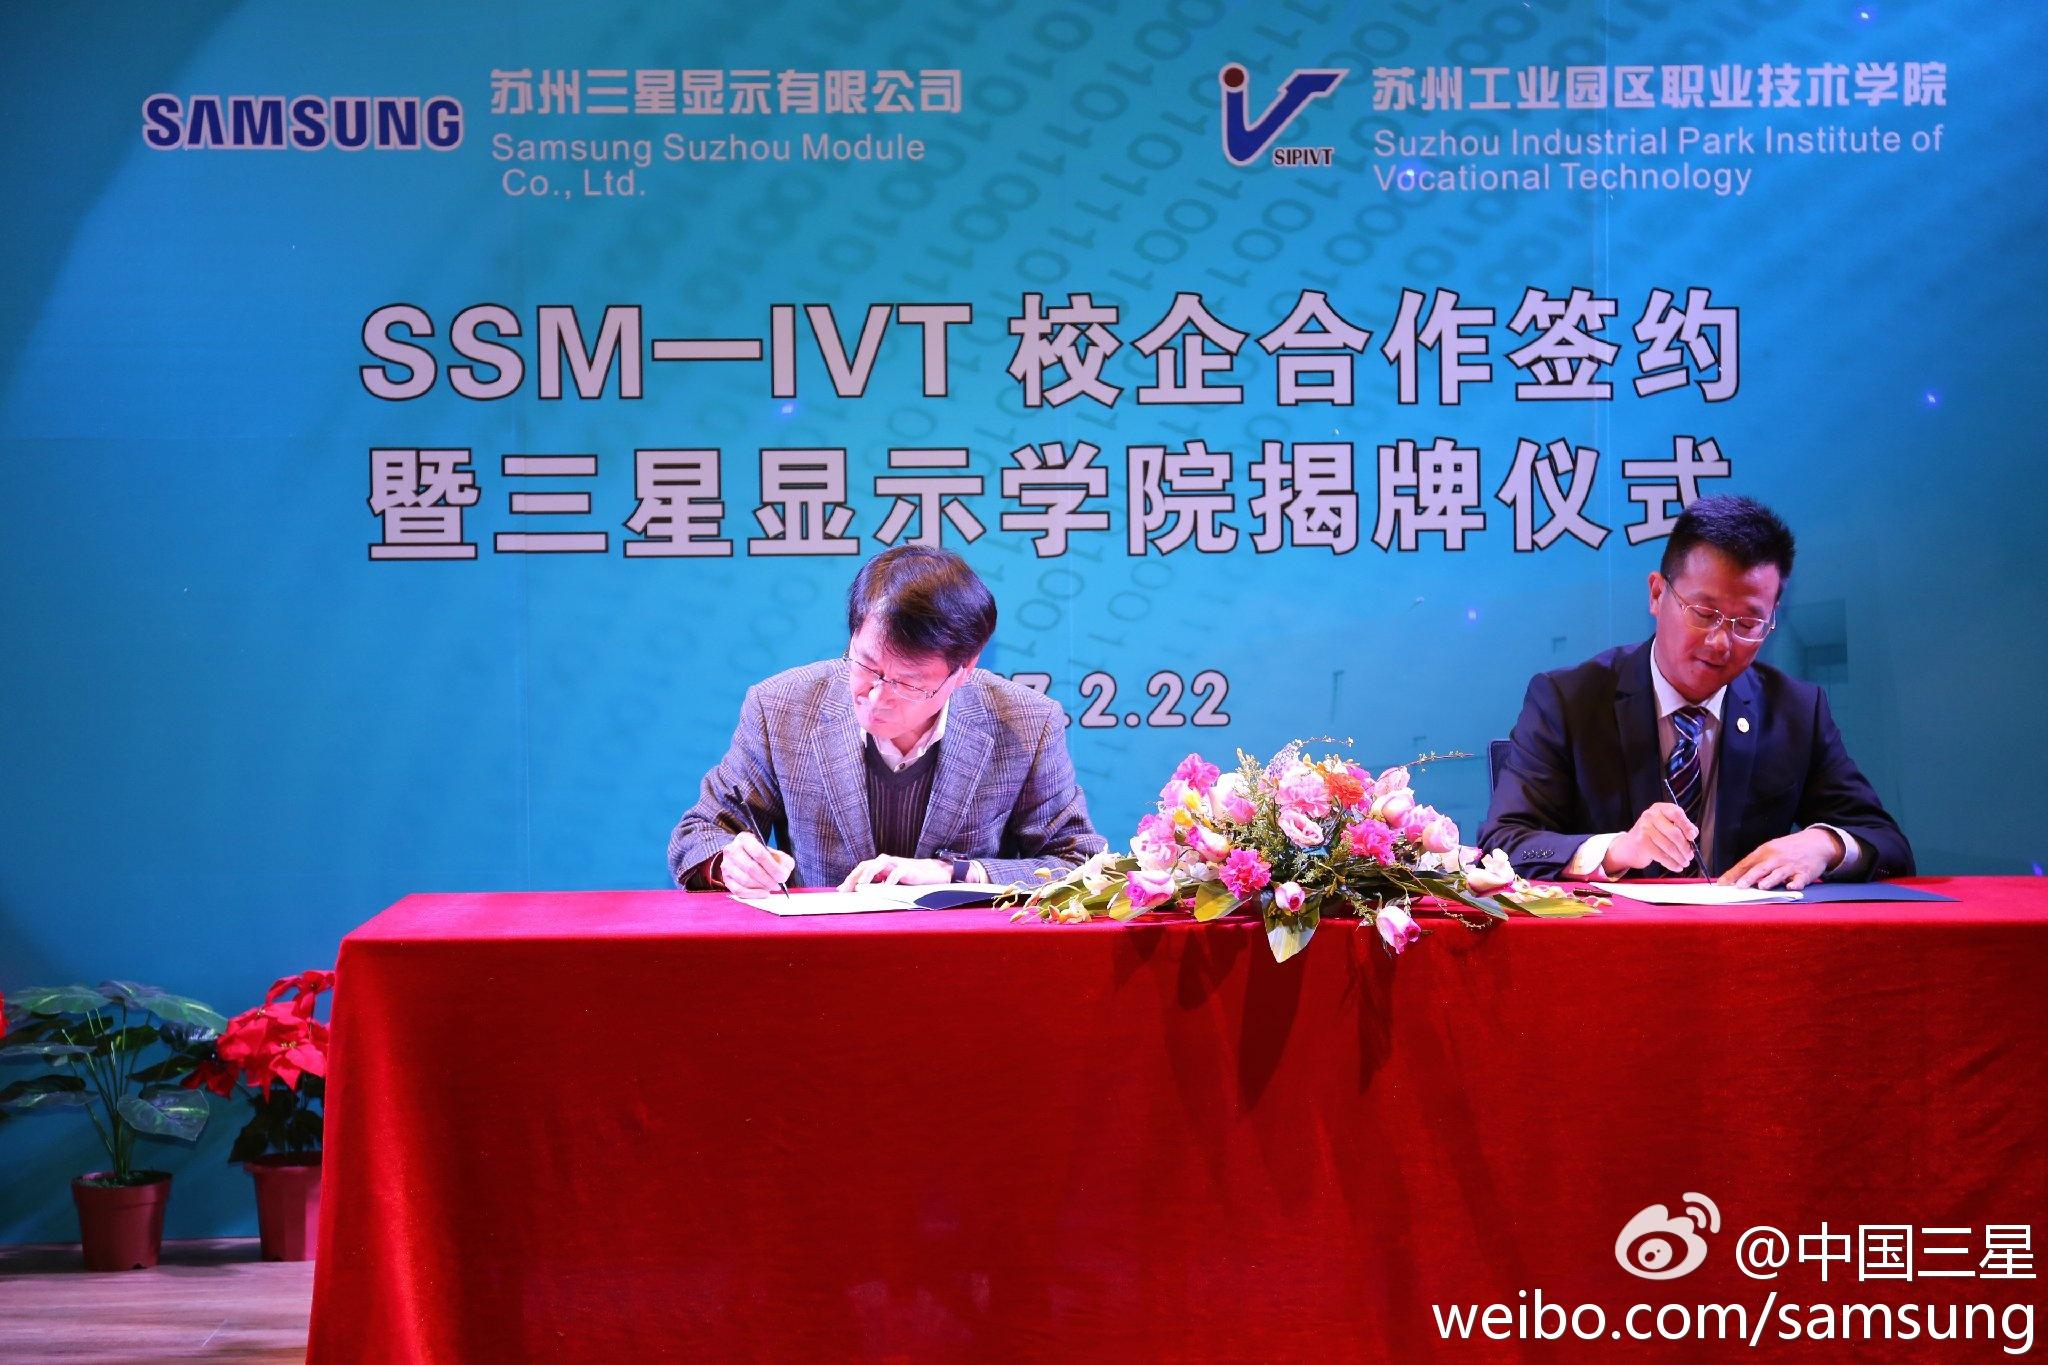 #星视角#2017年2月22日,SSM-IVT校企合作签约暨三星显示学院揭牌仪式在苏州工业园区职业技